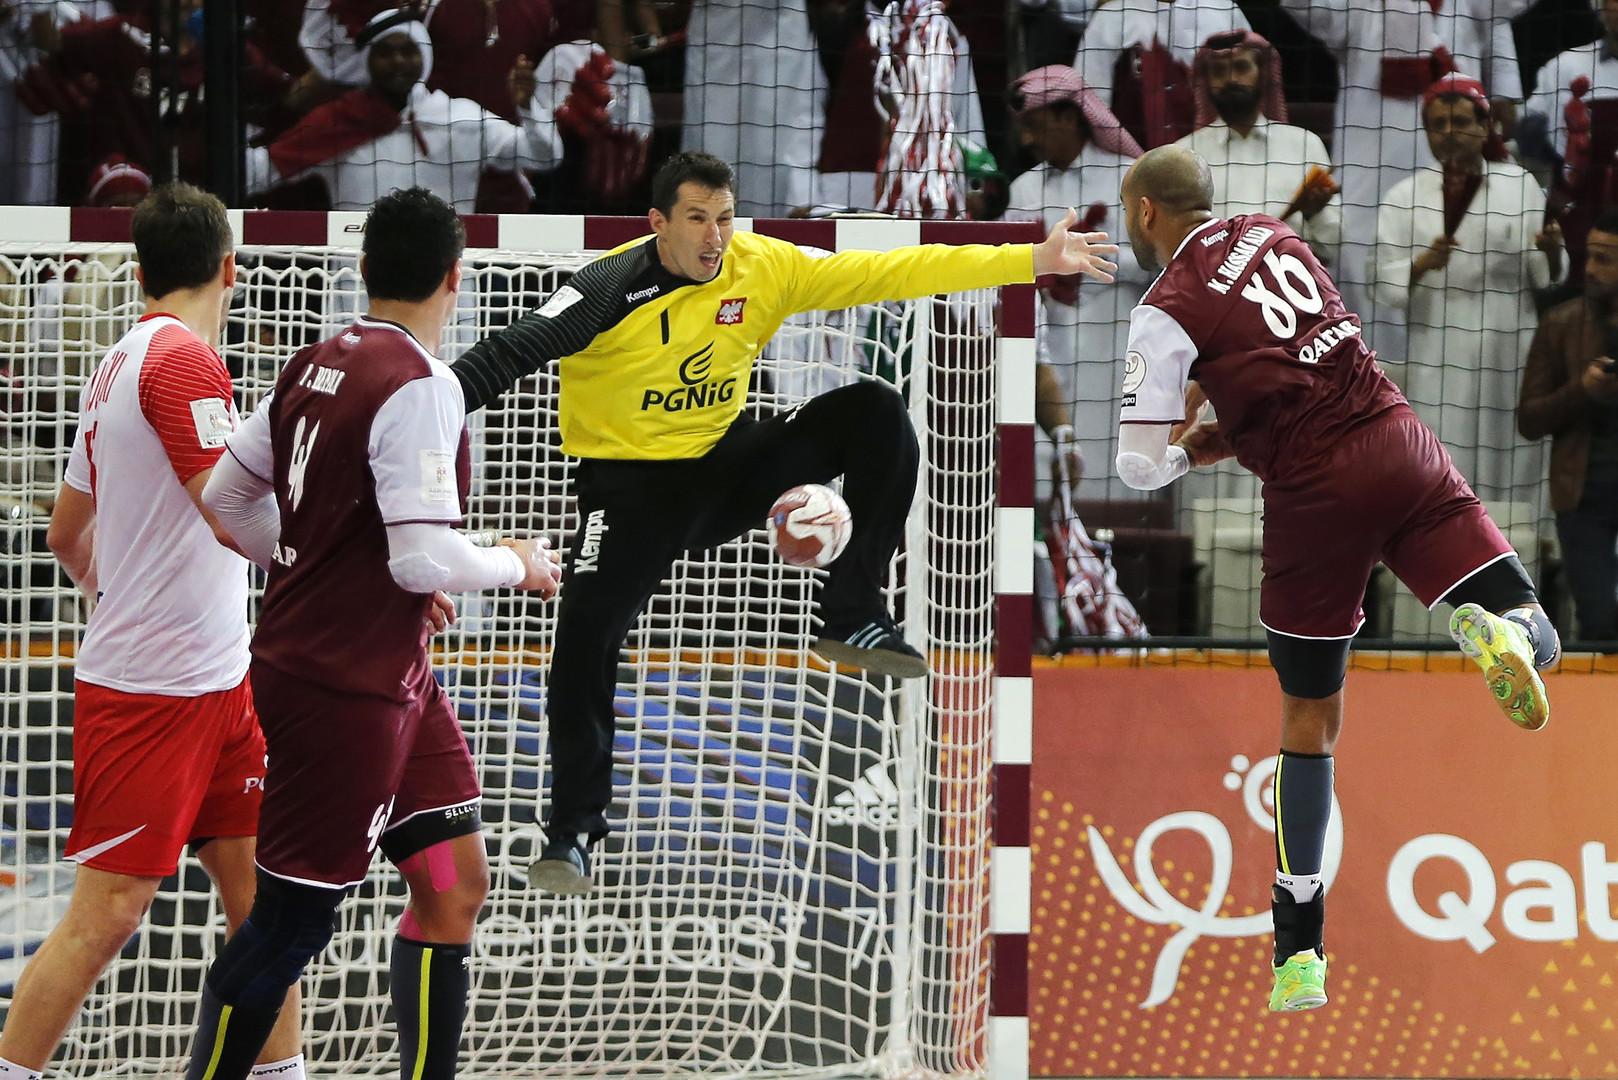 العنابي القطري أول منتخب عربي يبلغ نهائي كأس العالم لكرة اليد في التاريخ